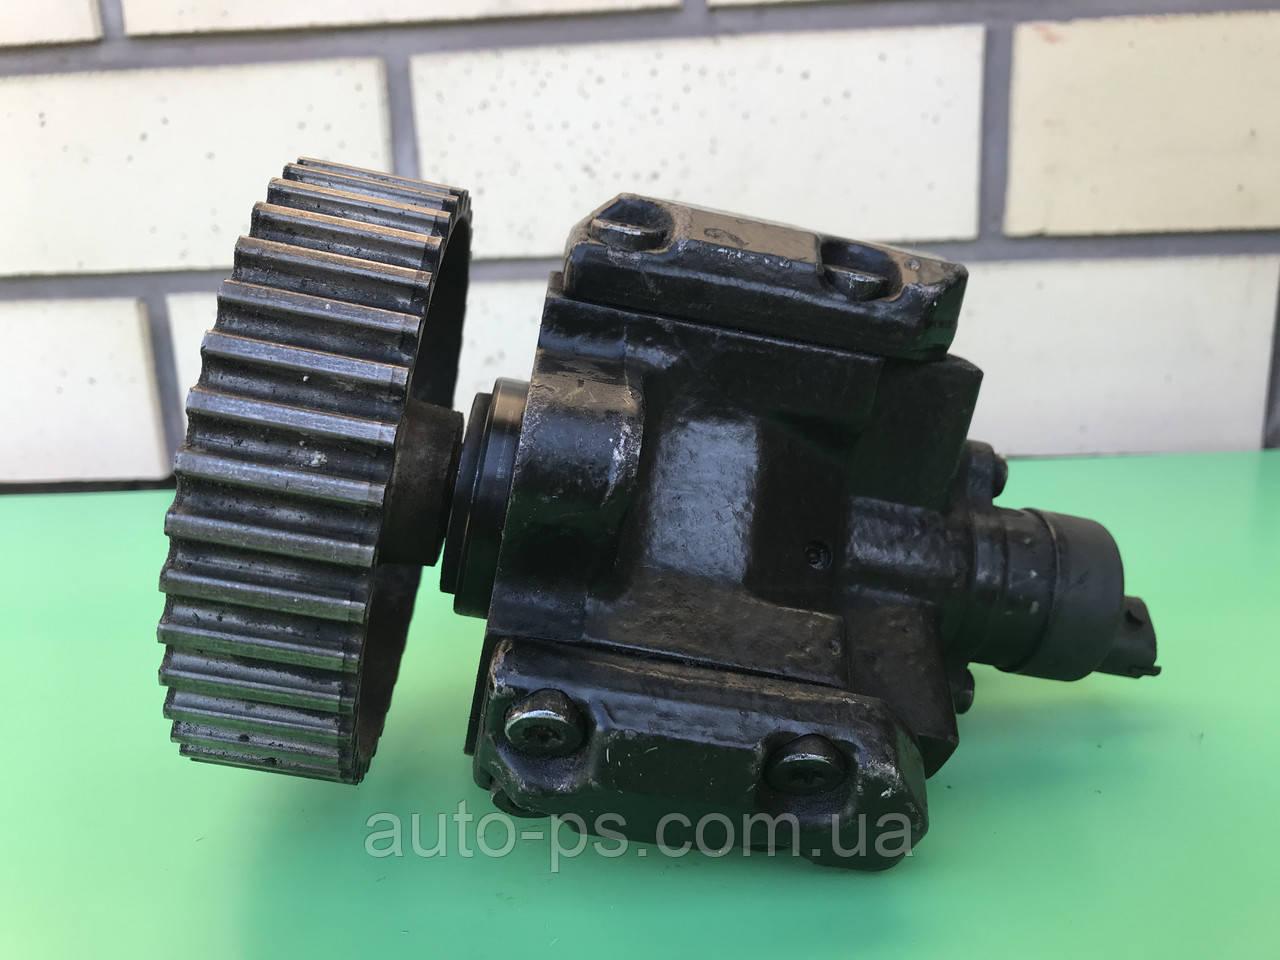 Топливный насос высокого давления (ТНВД) Fiat Strada 1.9JTD